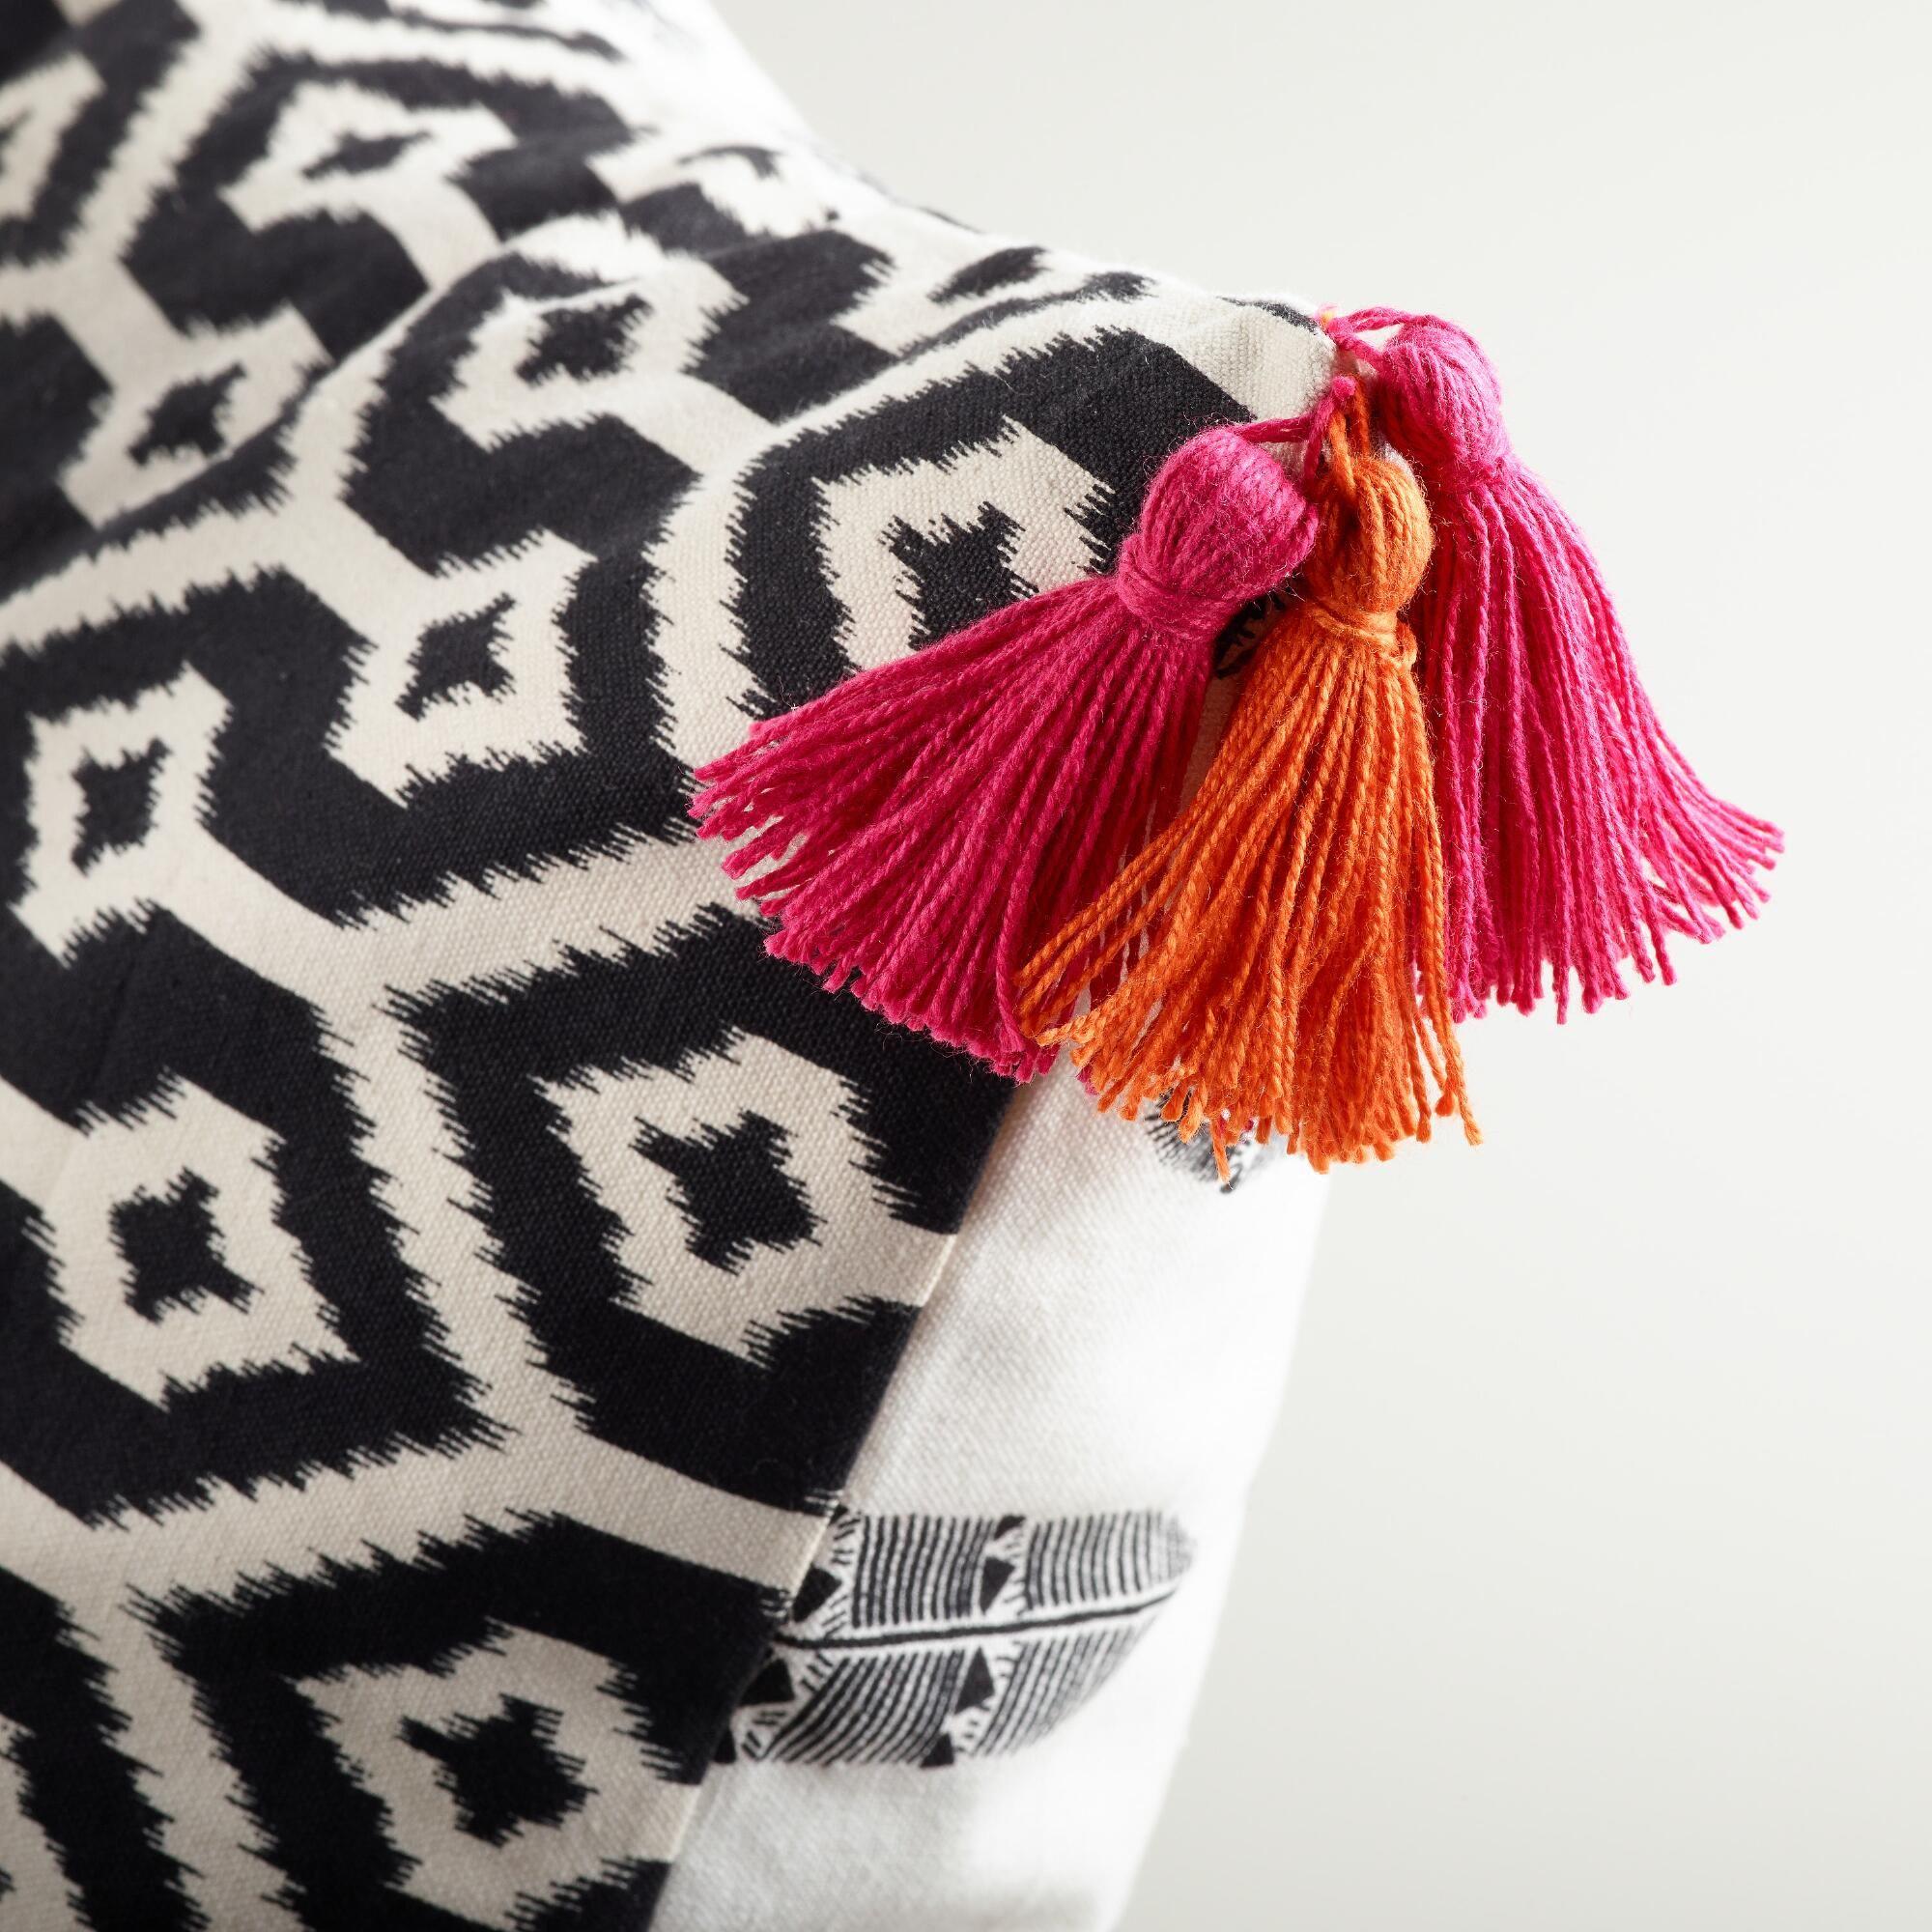 Feathers Printed Lumbar Pillow | World Market